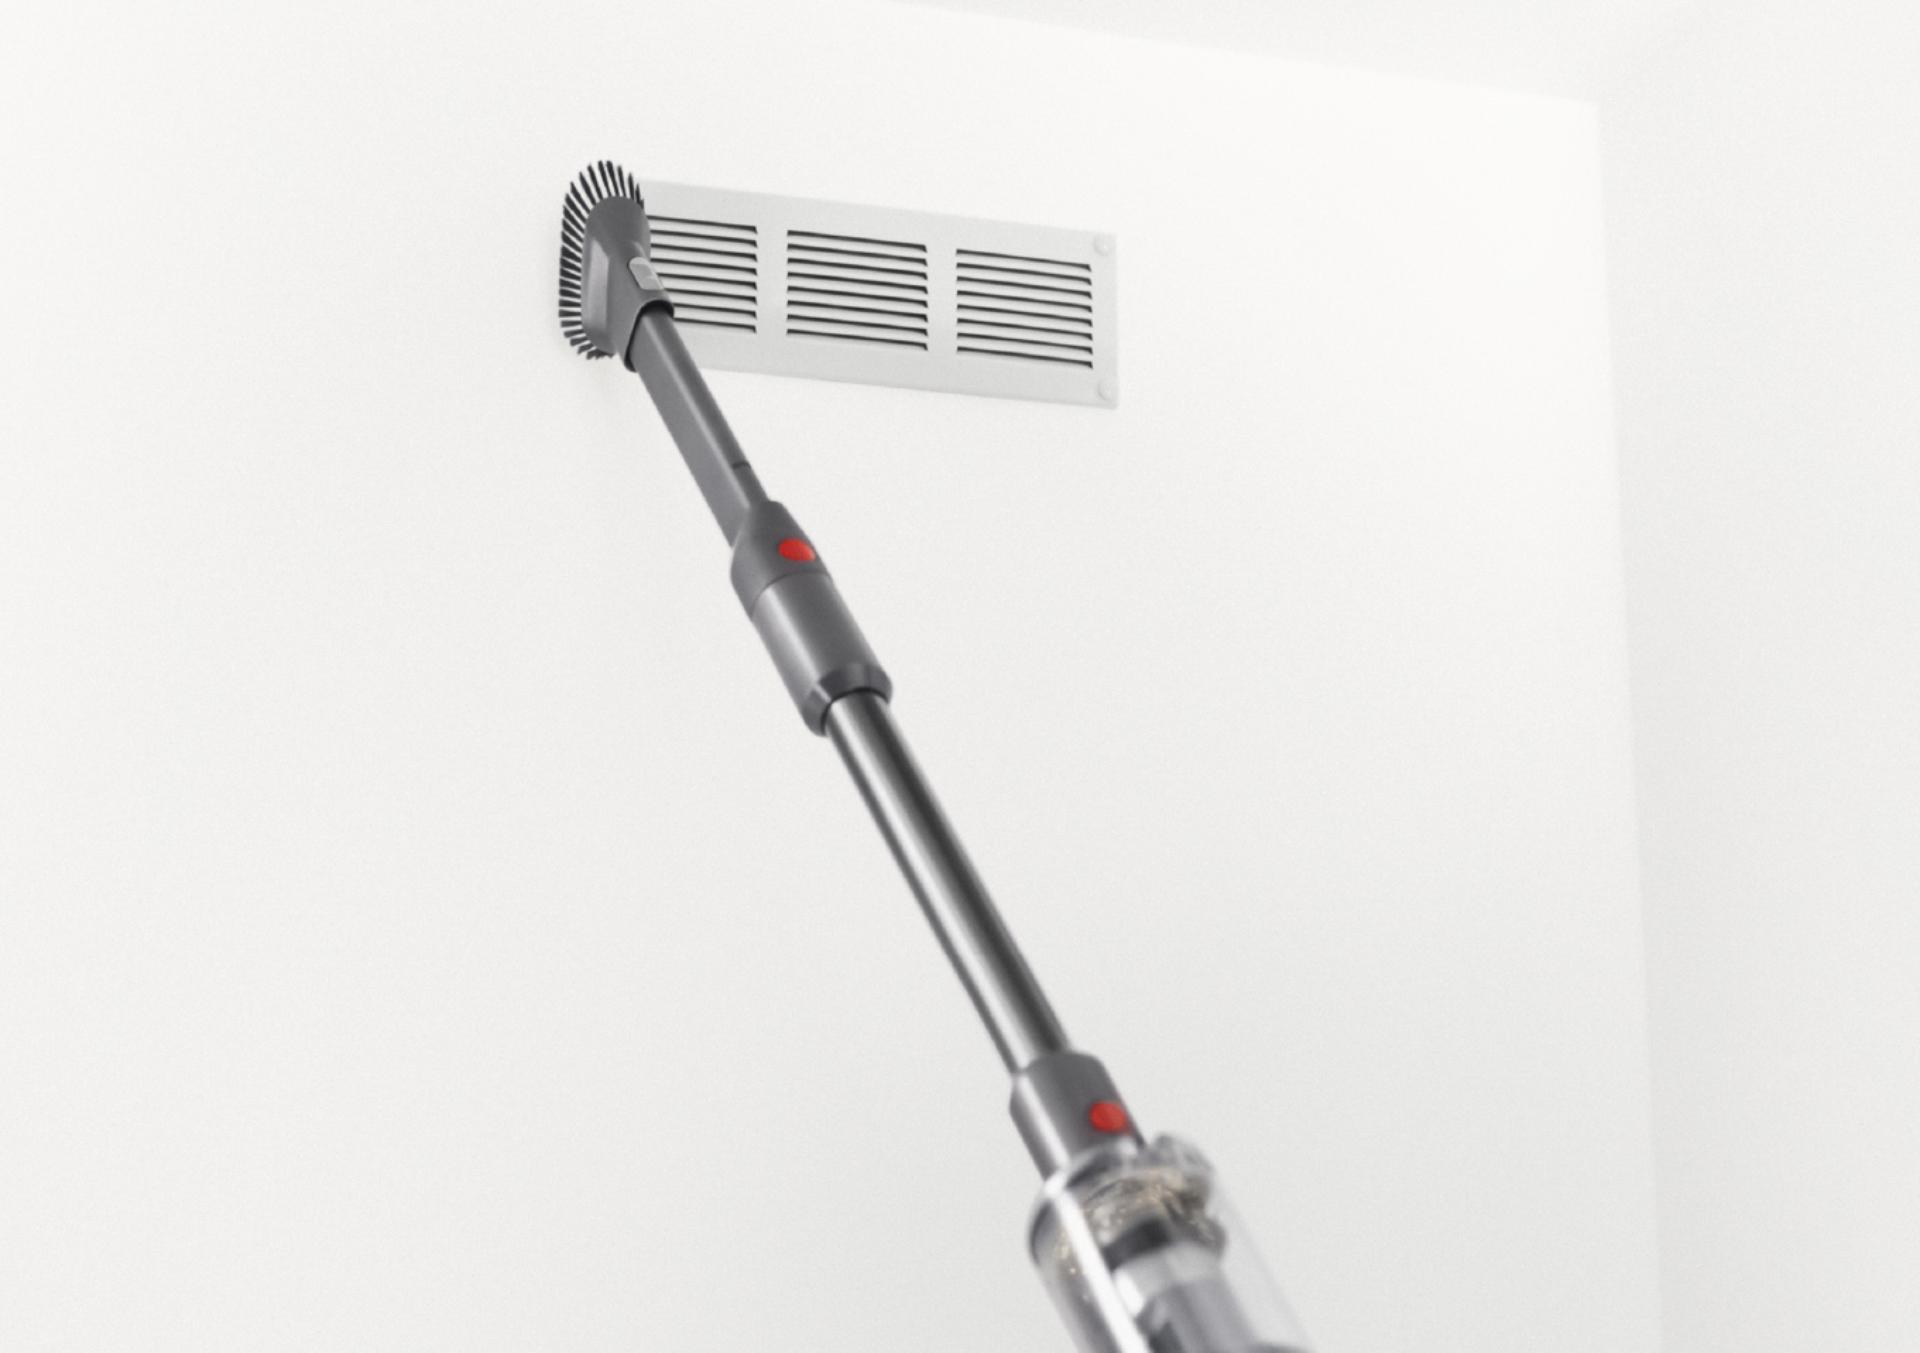 다이슨 옴니-글라이드™ 무선 청소기를 핸디 모드 전환해 벽 통풍구 청소하는 모습